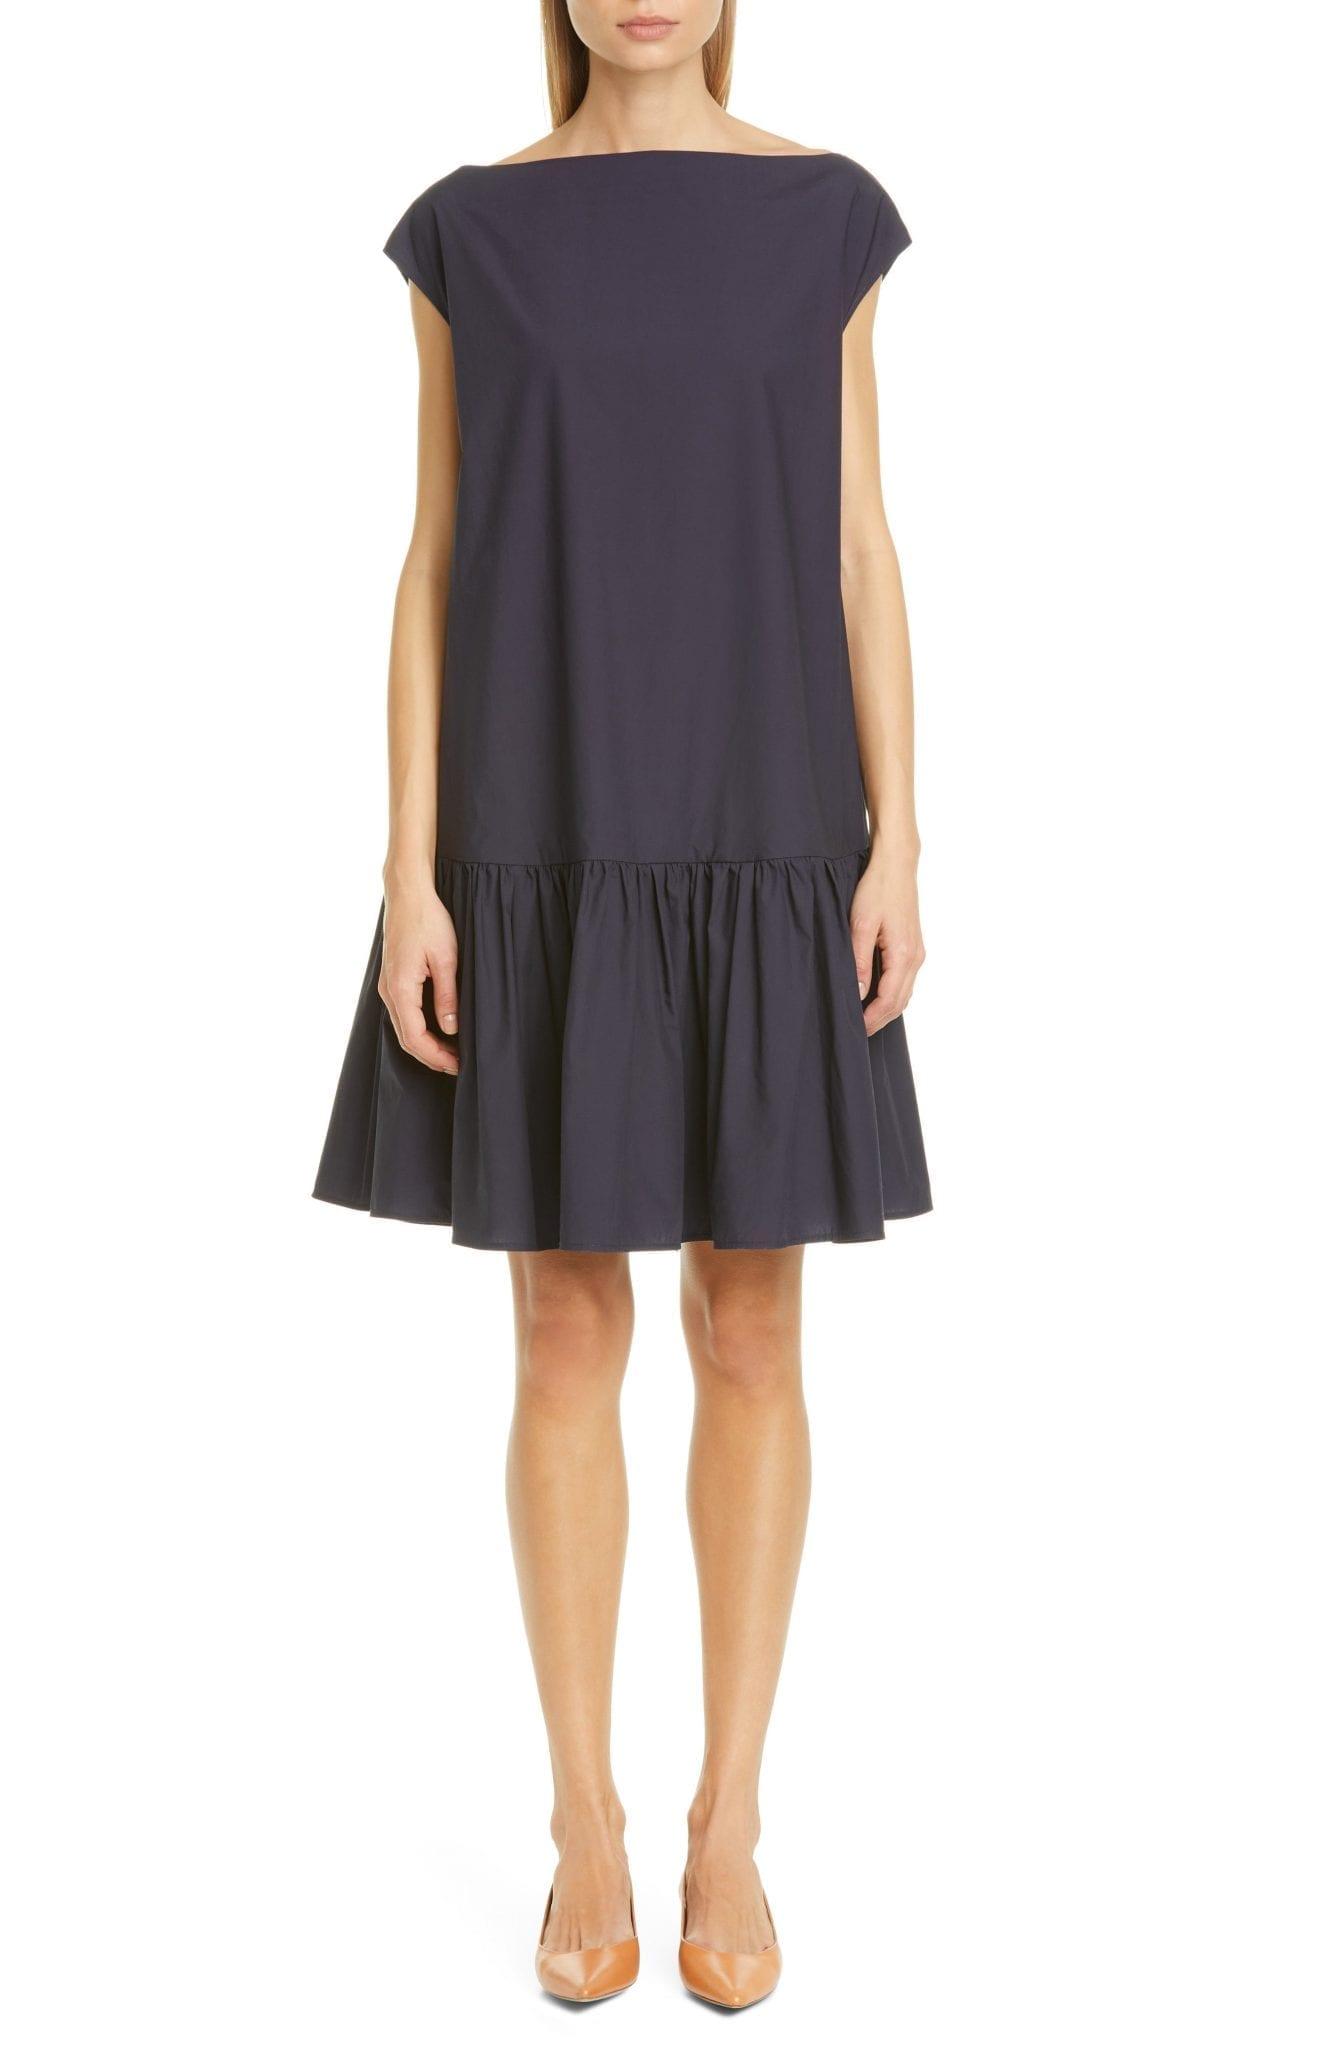 MANSUR GAVRIEL Ruched Cotton Poplin Dress